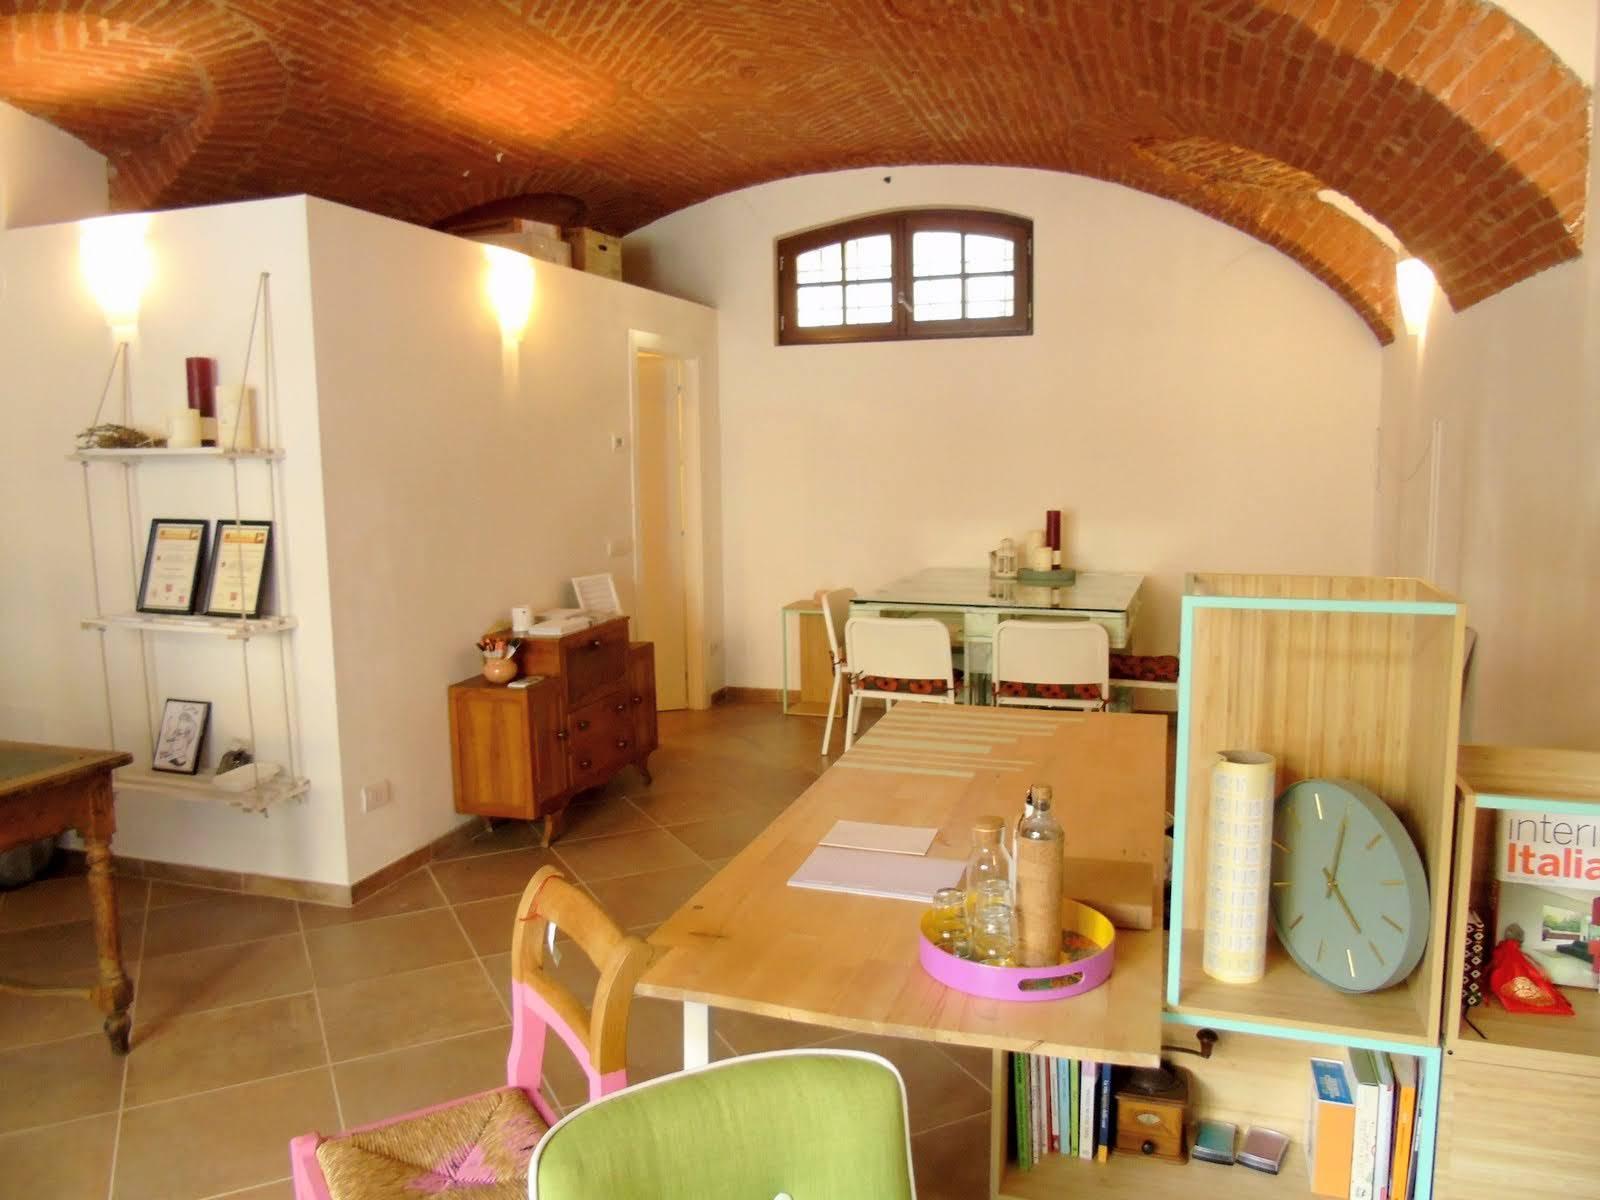 Immobile Commerciale in affitto a Aosta, 1 locali, zona ro, prezzo € 400 | PortaleAgenzieImmobiliari.it